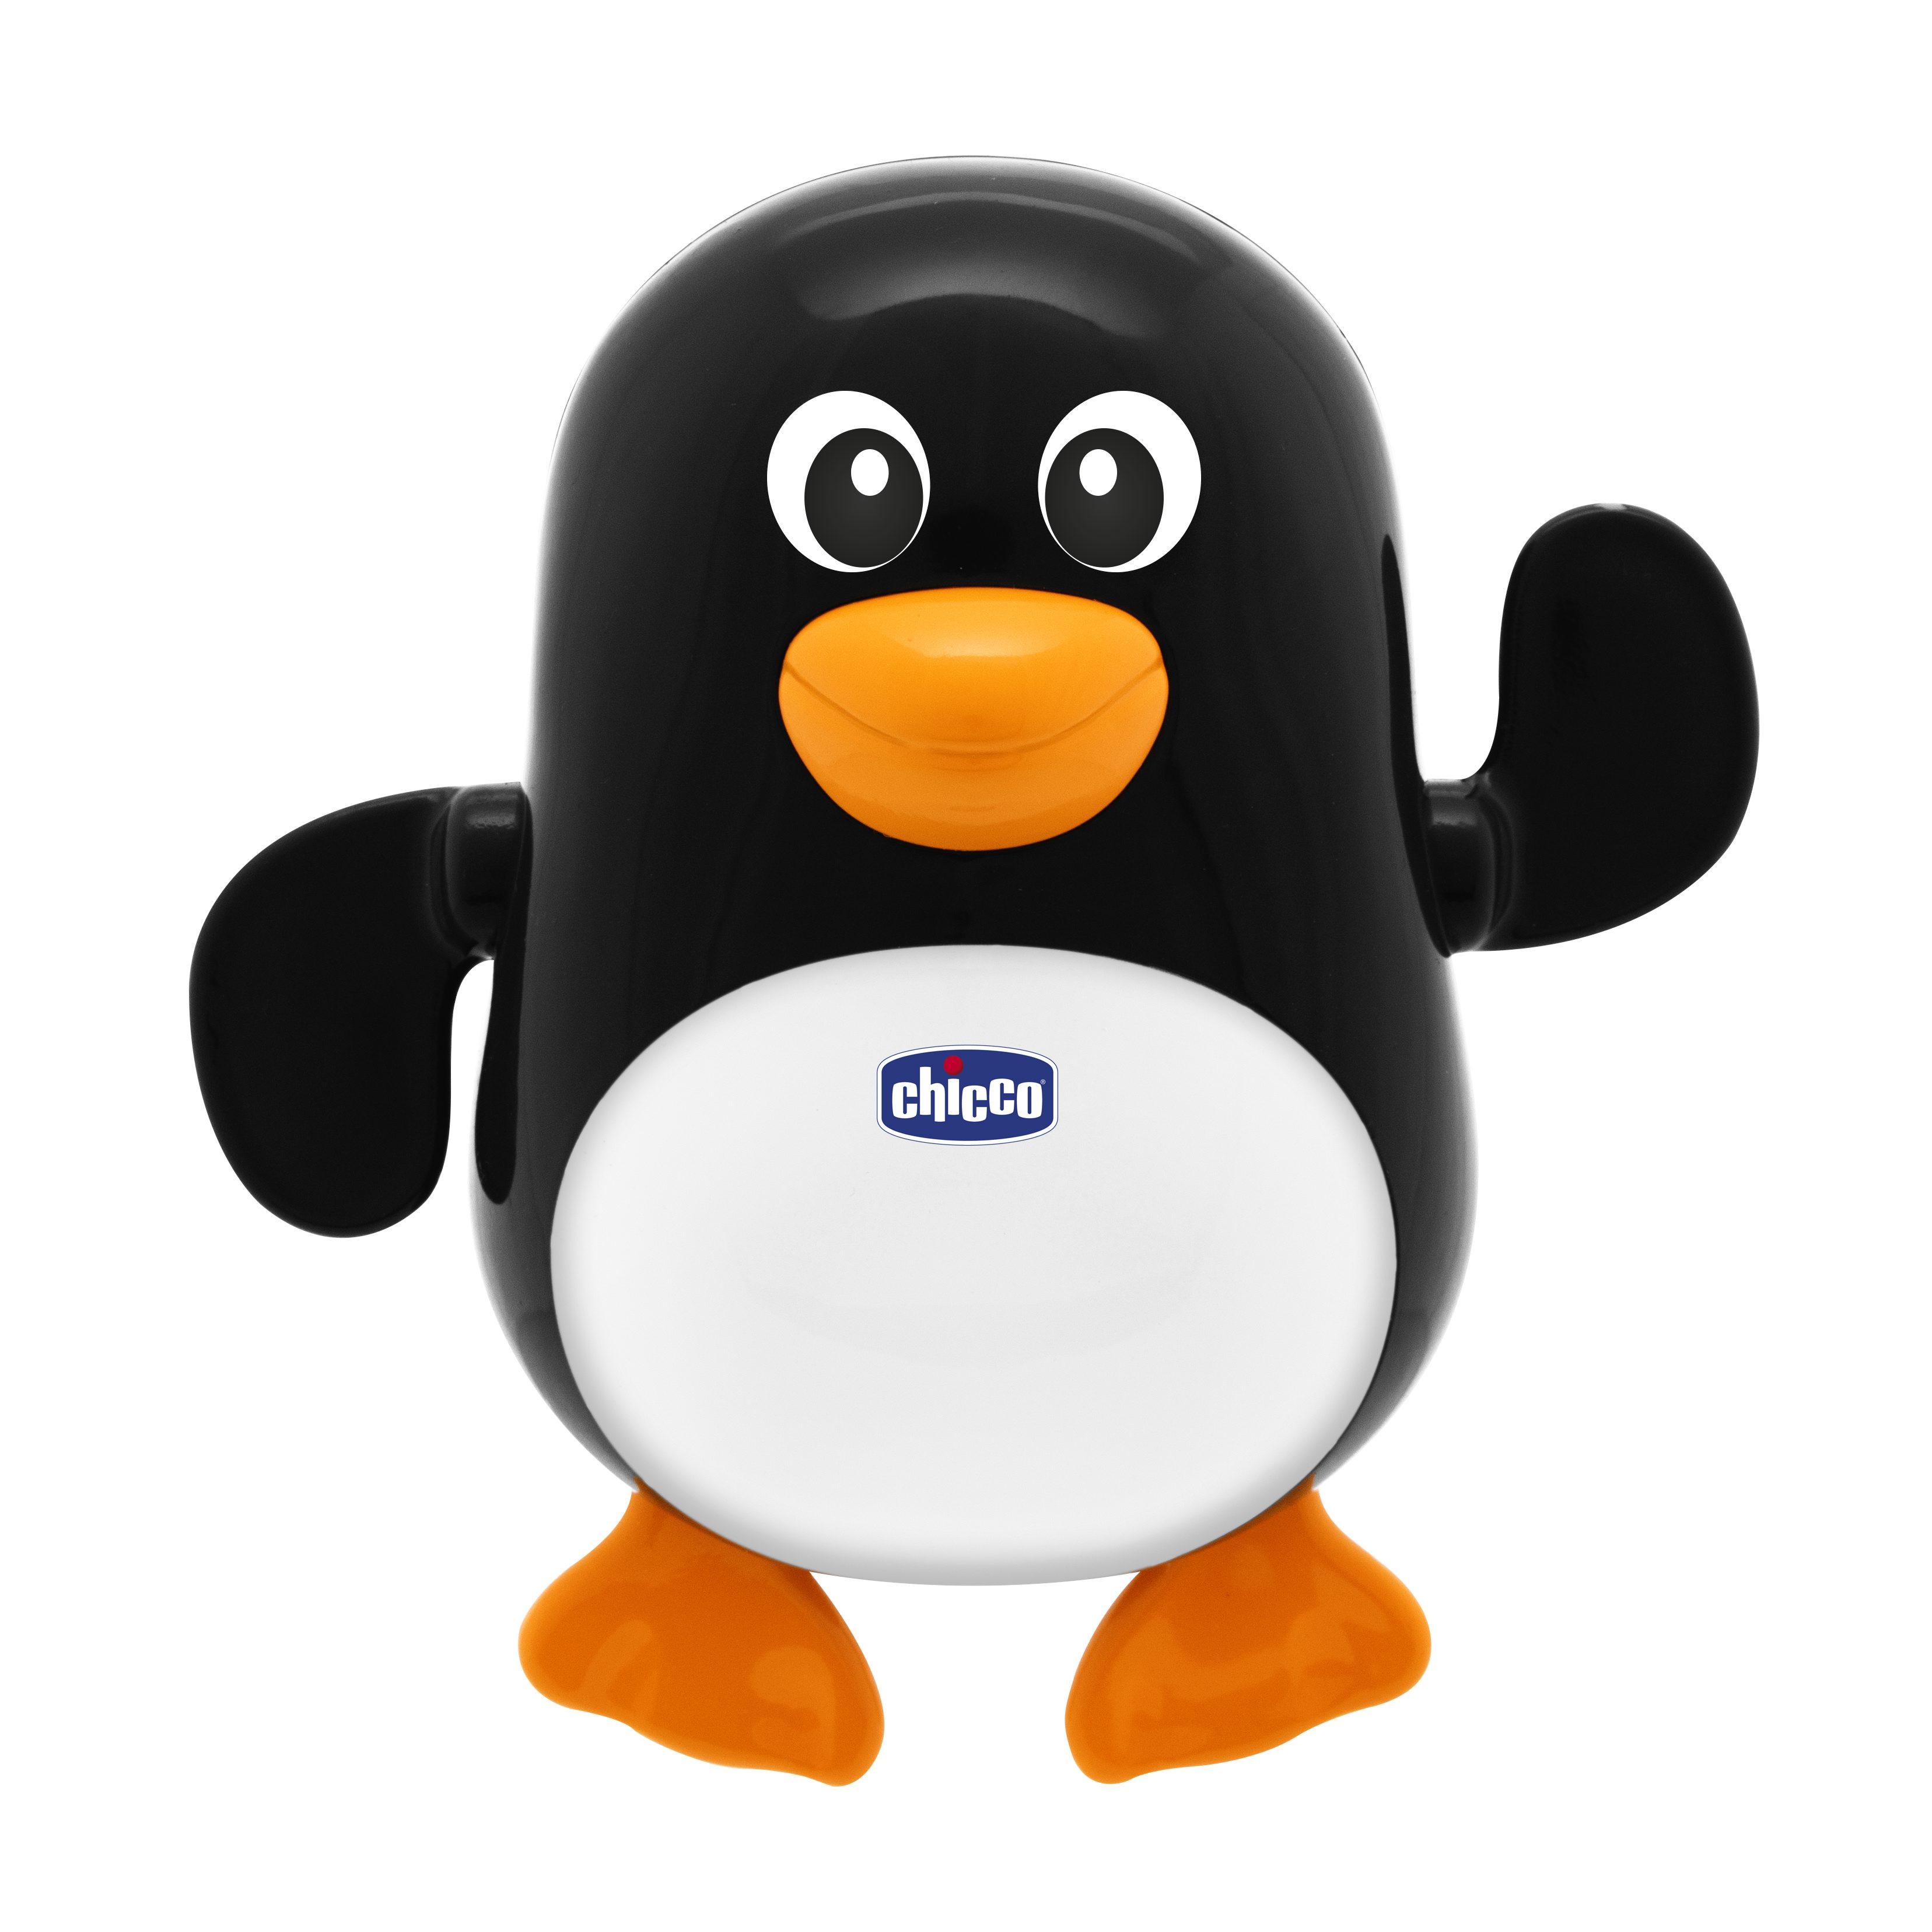 Pinguino nuotatore - Chicco